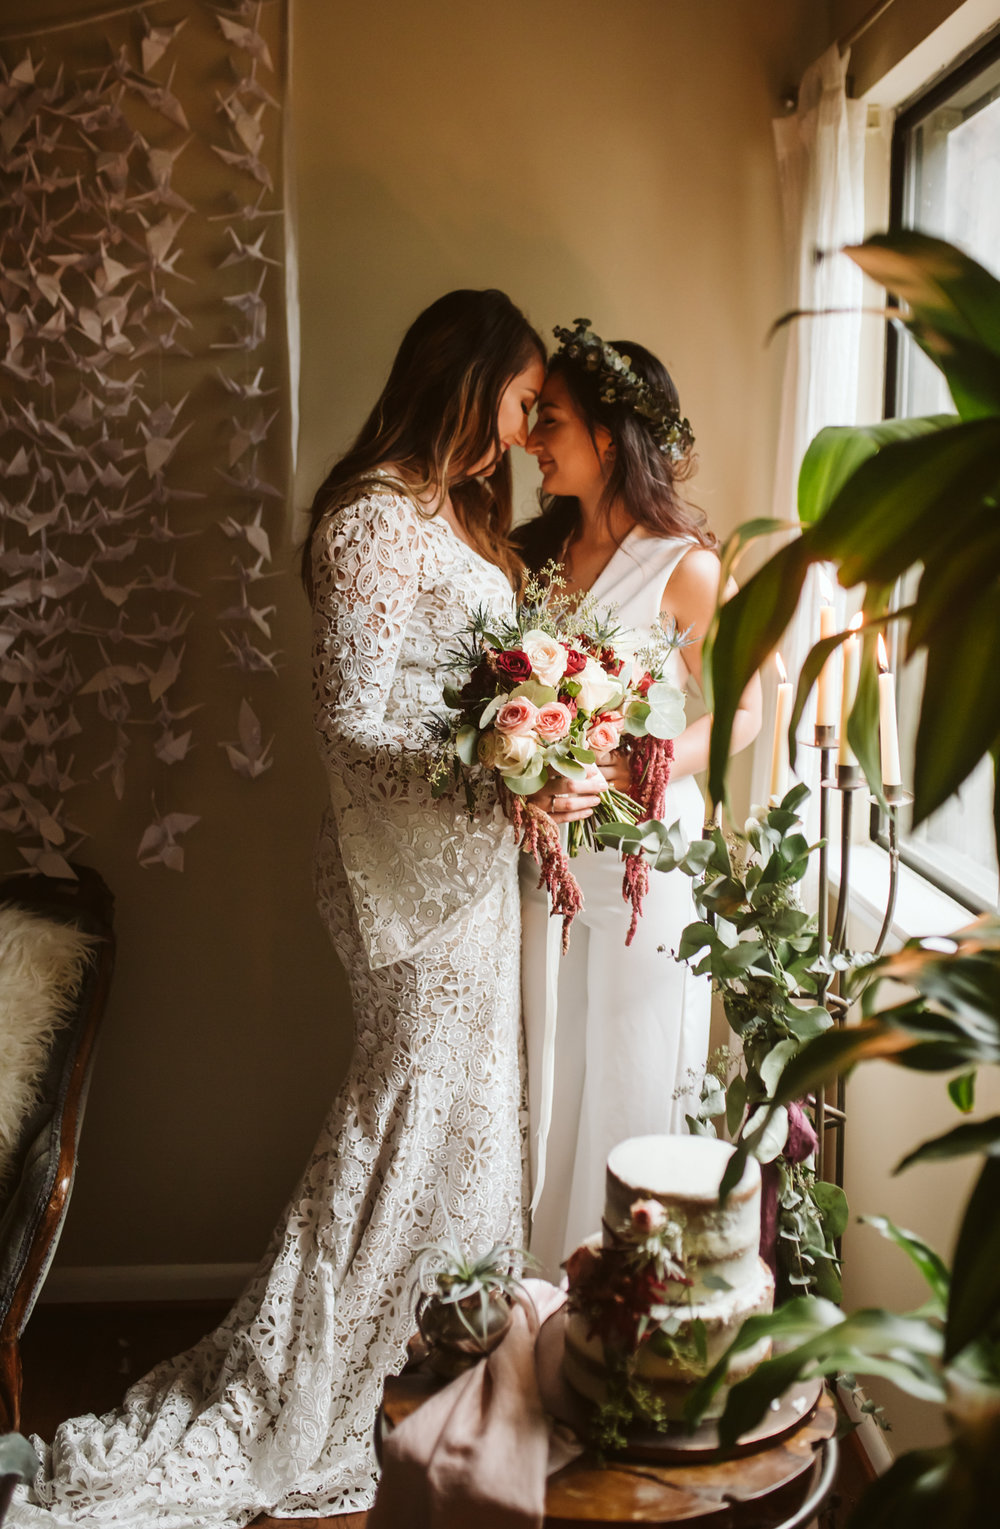 rebeccaburtphotography.inclusiveweddingphotographer.intimatewedding.frederickmaryland-23.JPG